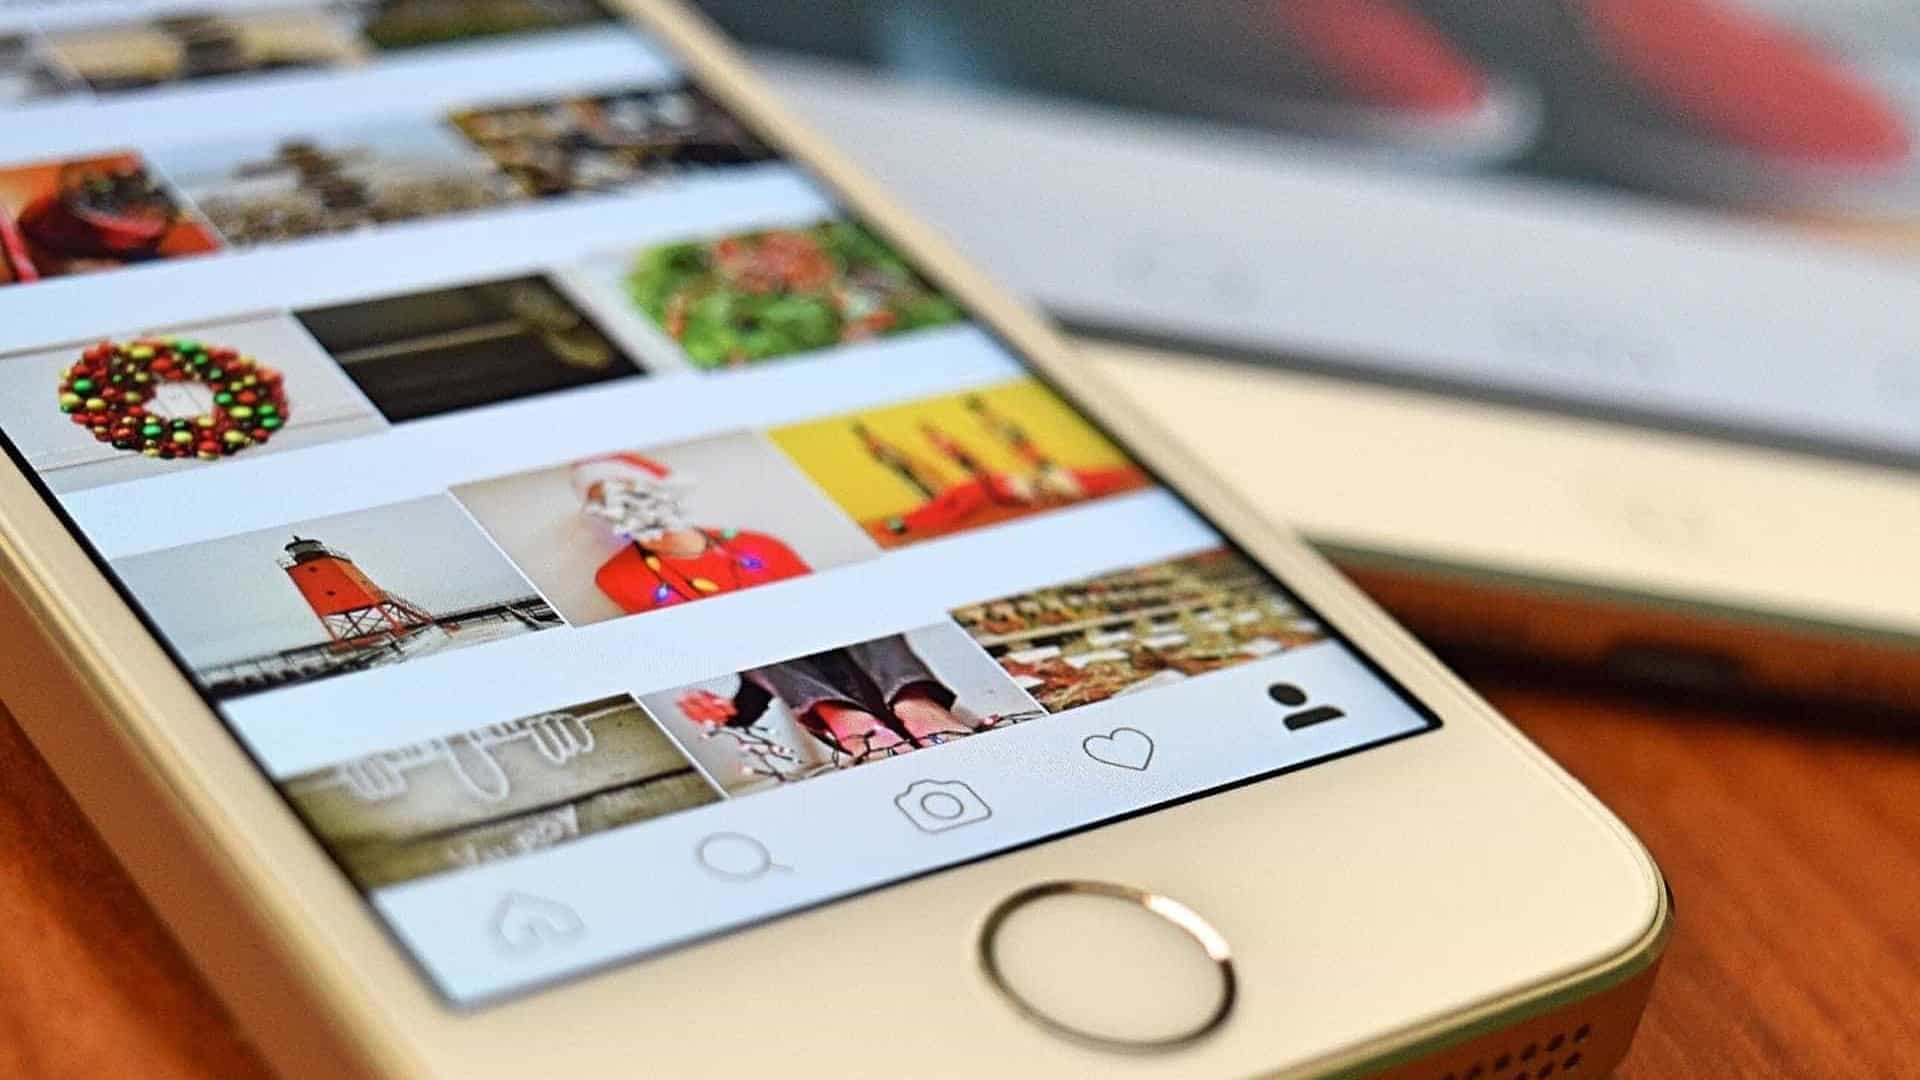 Controlar todo o conteúdo é impossível, diz fundador do Instagram